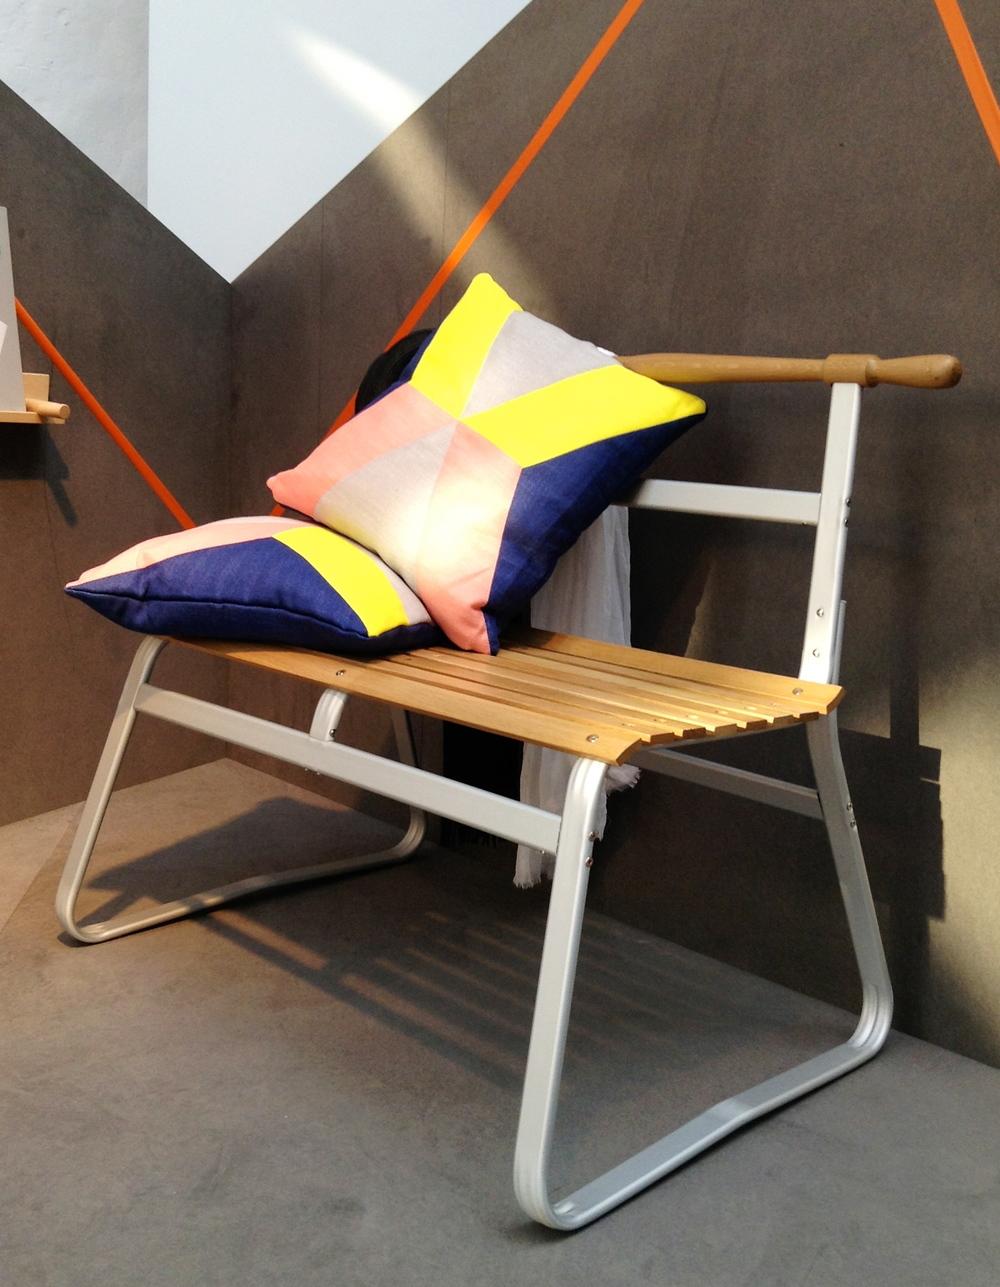 p edstaven kolekce ikea ps 2014 soffa. Black Bedroom Furniture Sets. Home Design Ideas